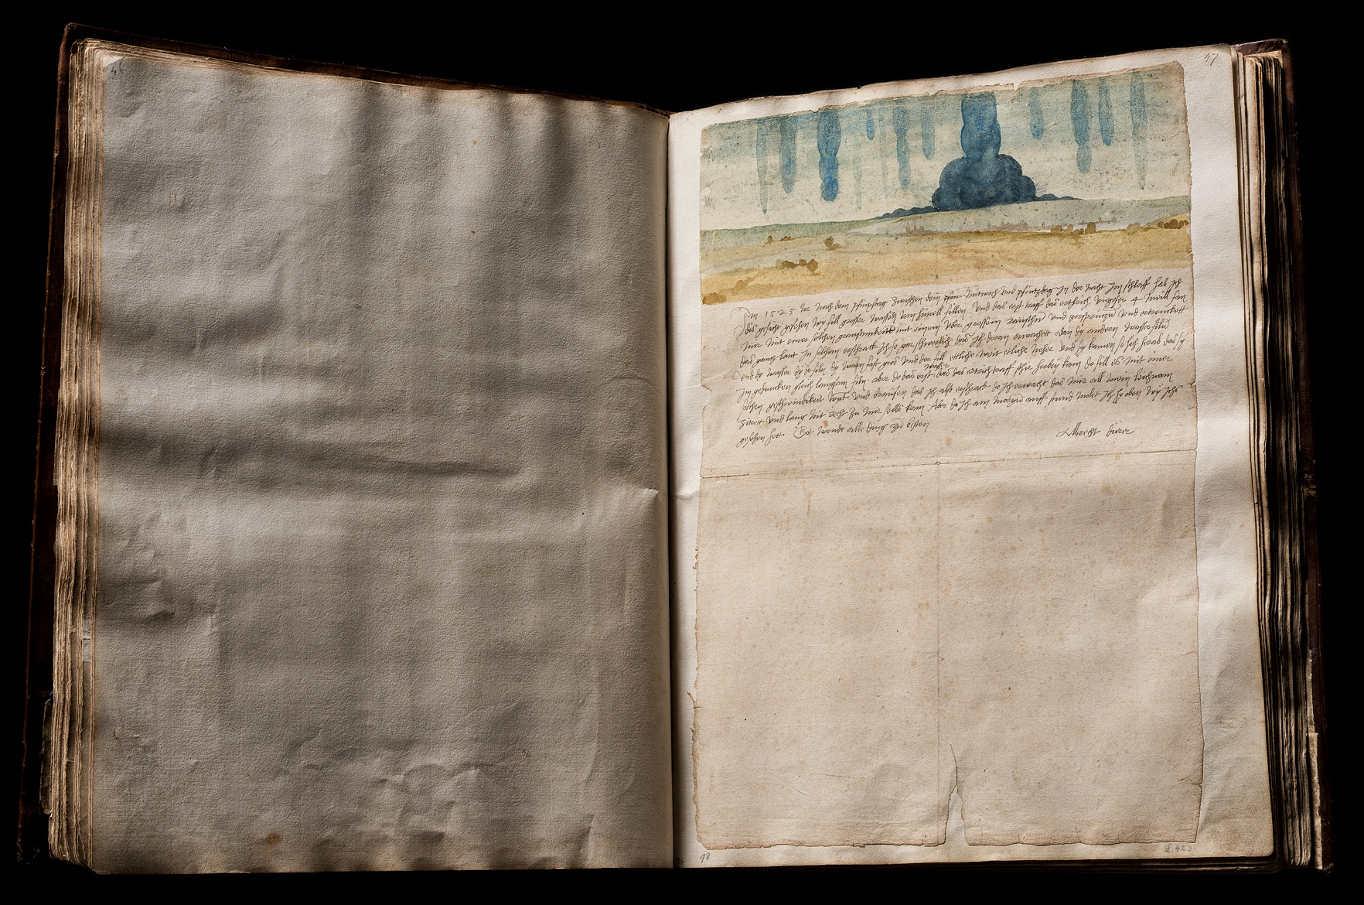 Kunstbuch Albrecht Dürers, Albrecht Dürer, Traumgesicht, 1525, Aquarell, bezeichnet und signiert, 22,2 × 30,1 cm (Kunsthistorisches Museum, Kunstkammer © KHM-Museumsverband)